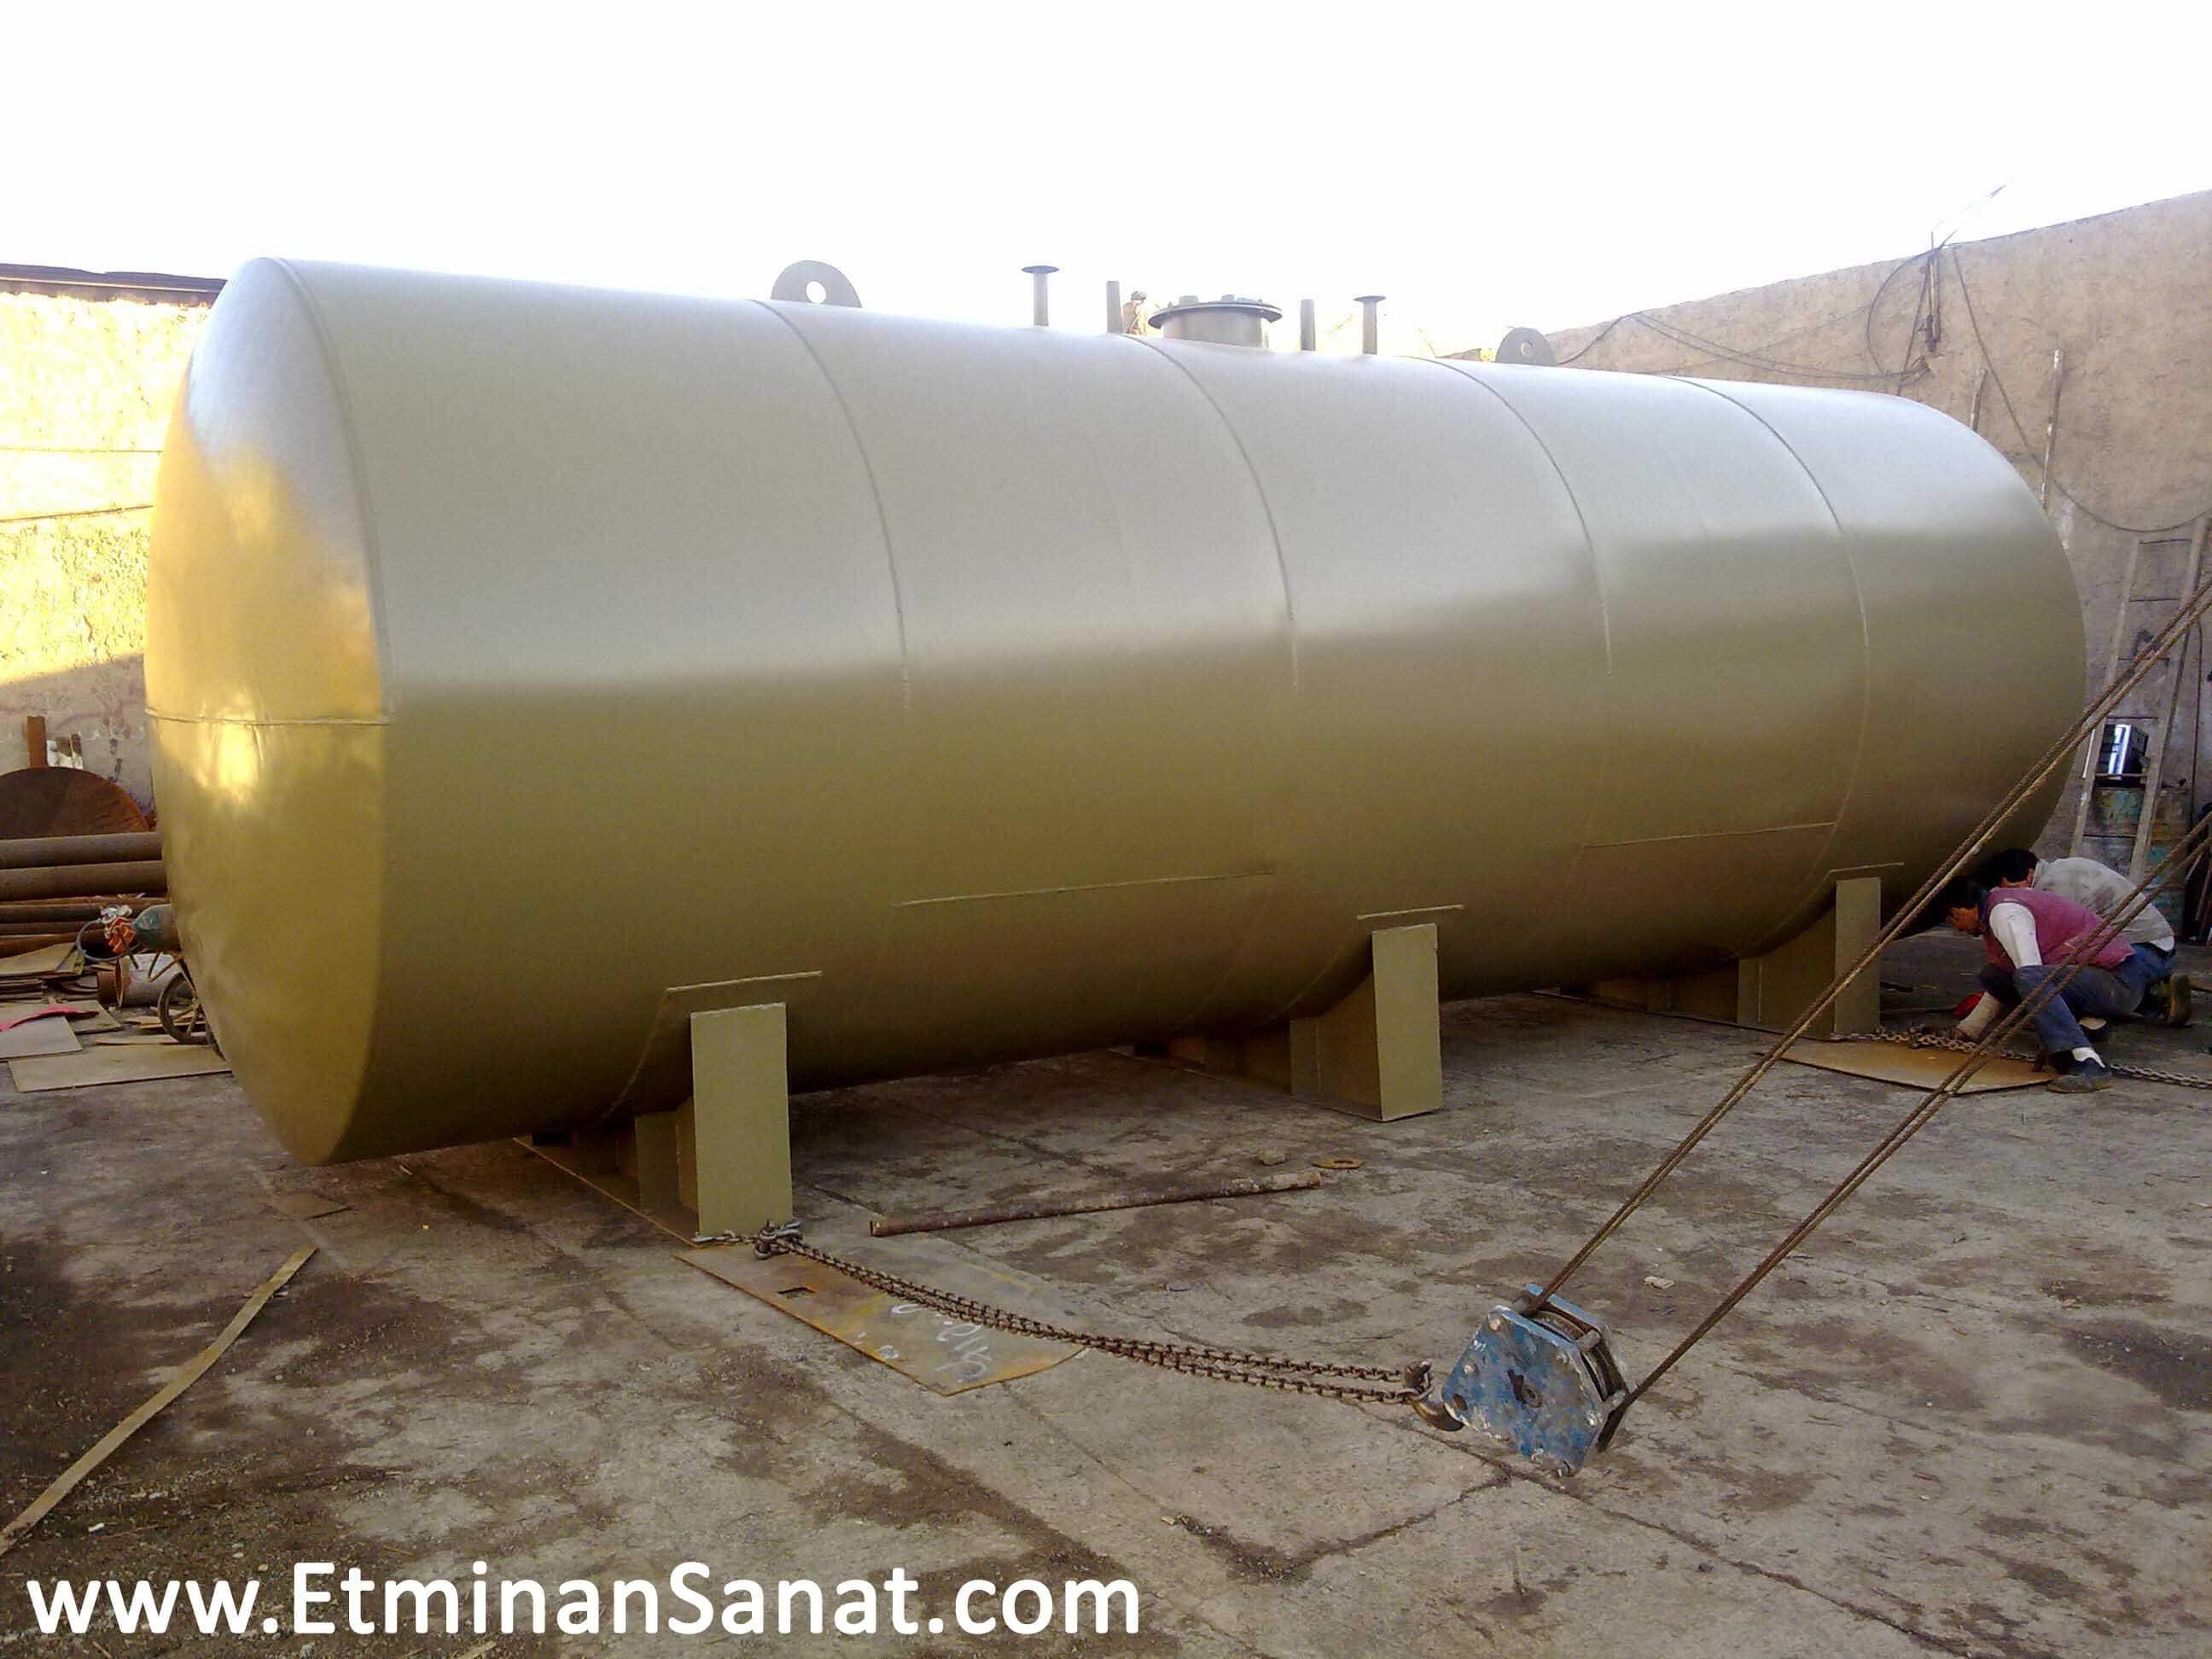 http://www.etminansanat.com/wp-content/gallery/tanker/Tanker-2.jpg